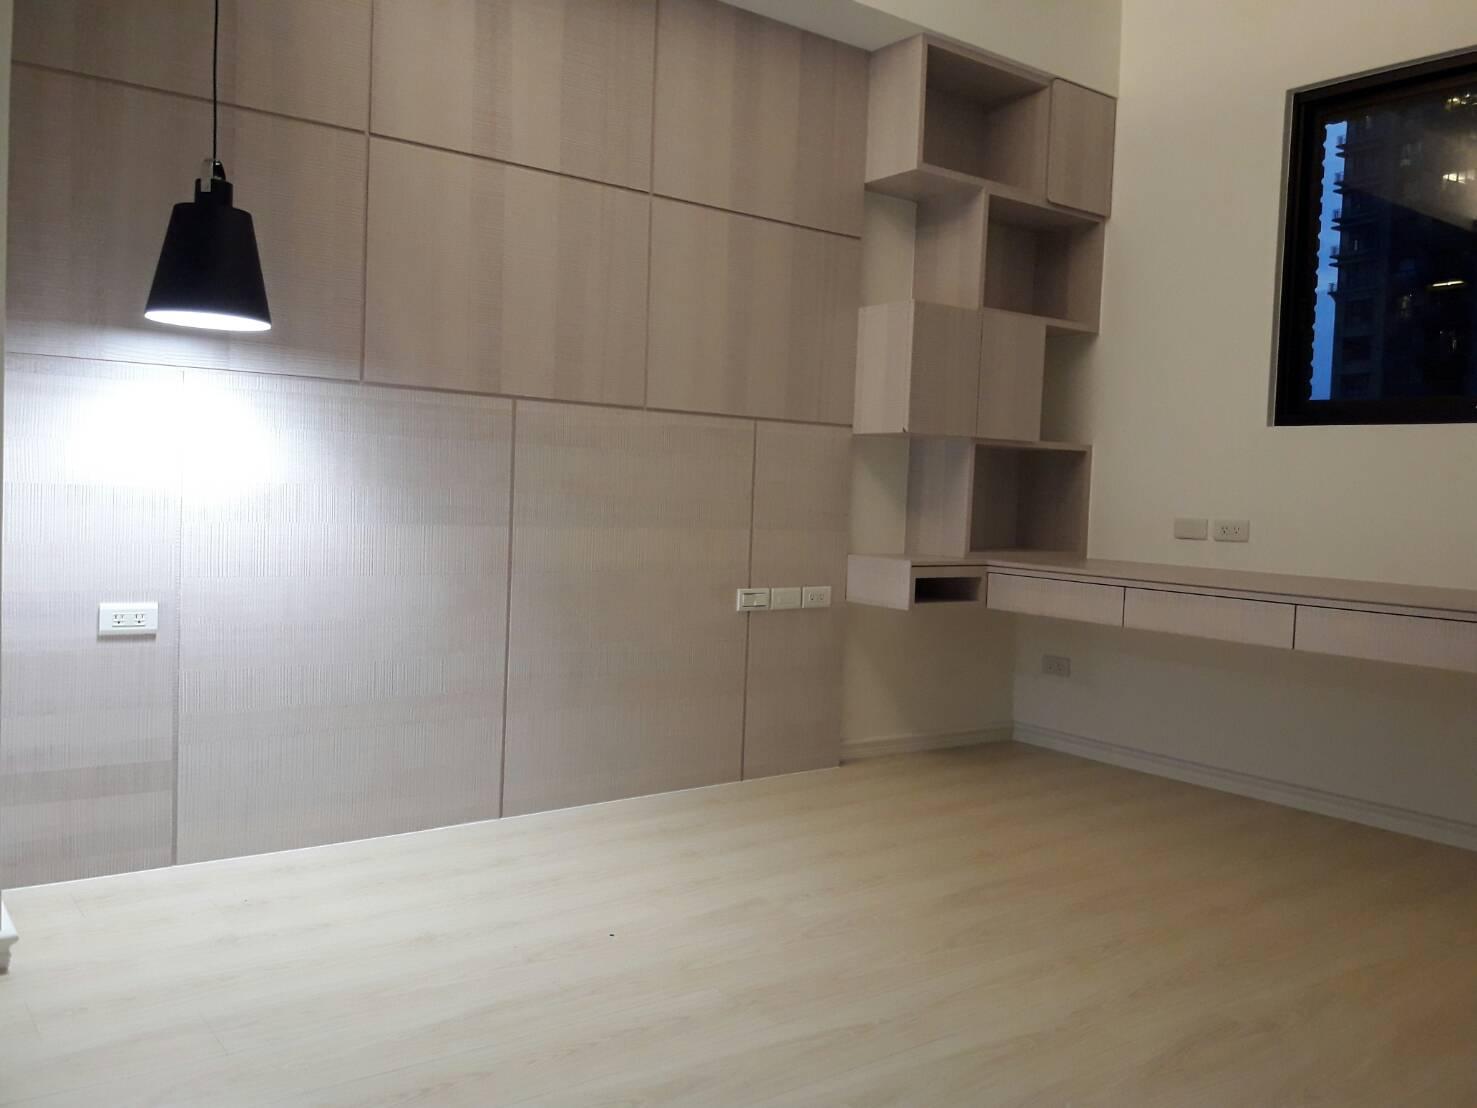 裝潢工程418-室內設計